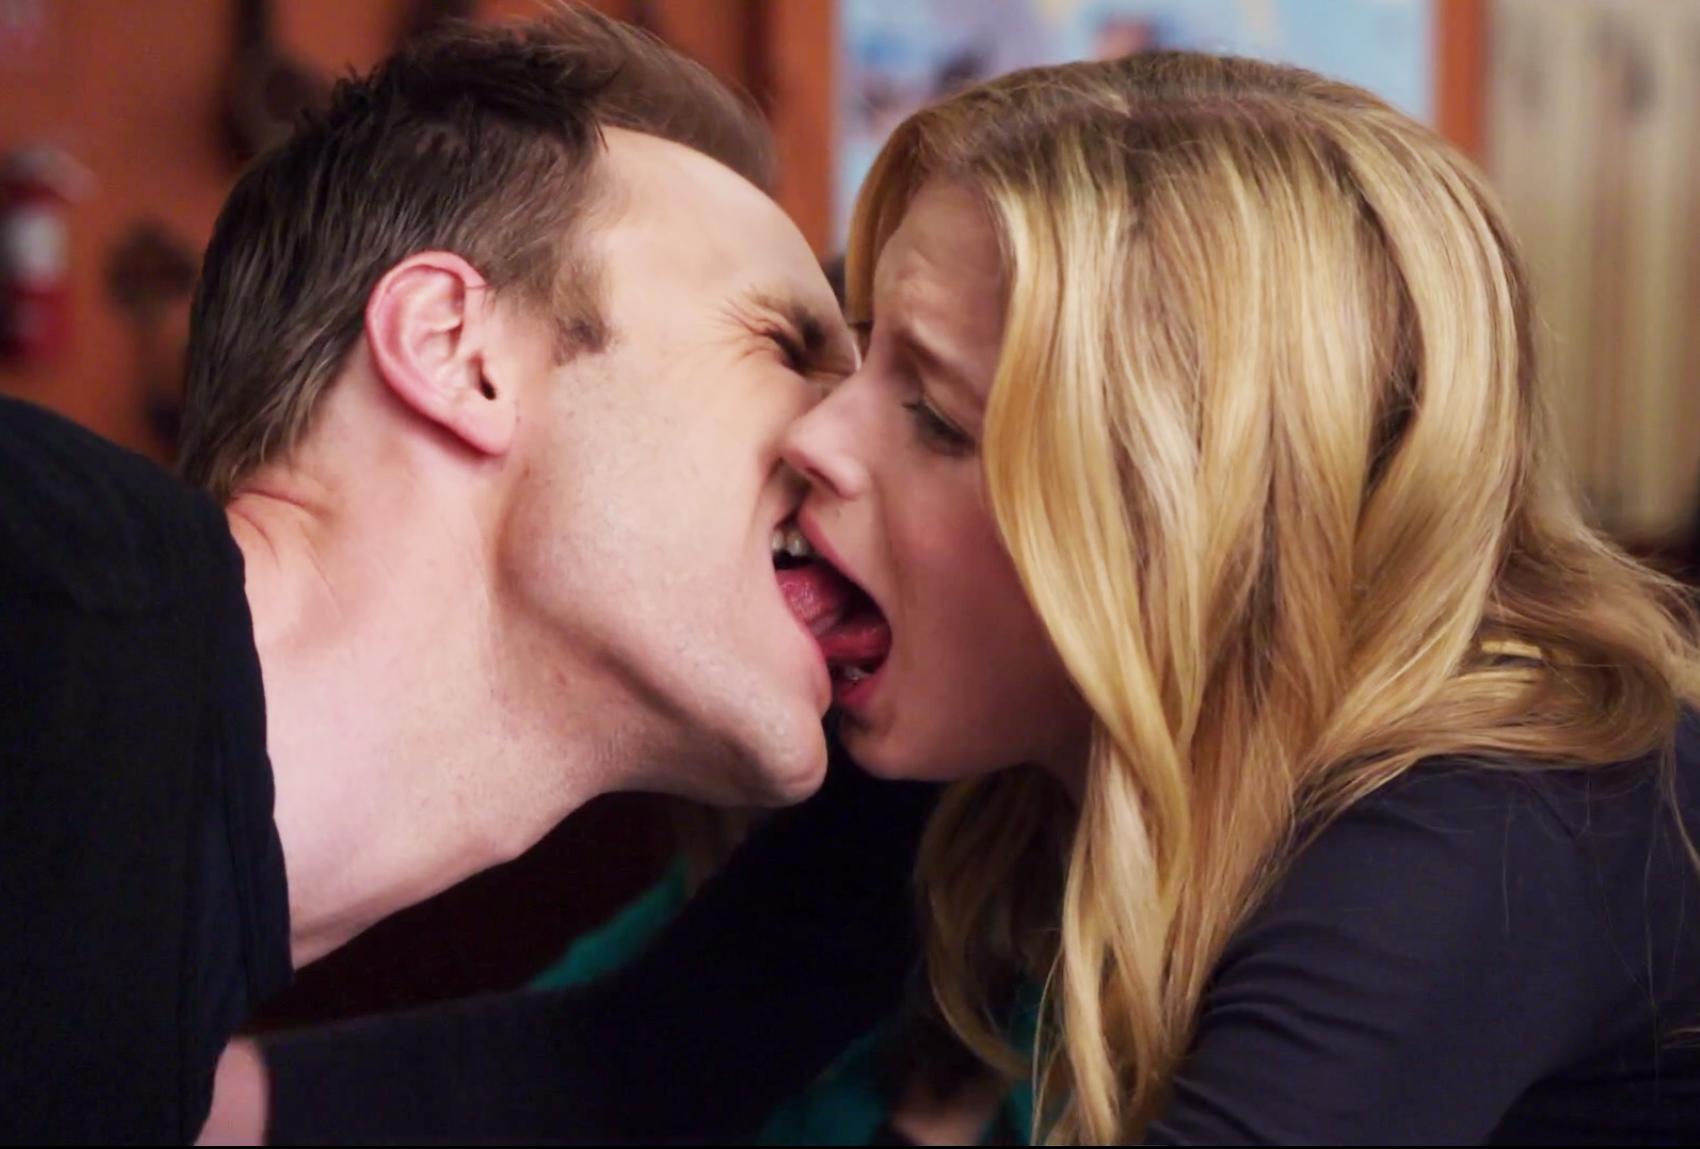 Bildresultat för awkward kiss